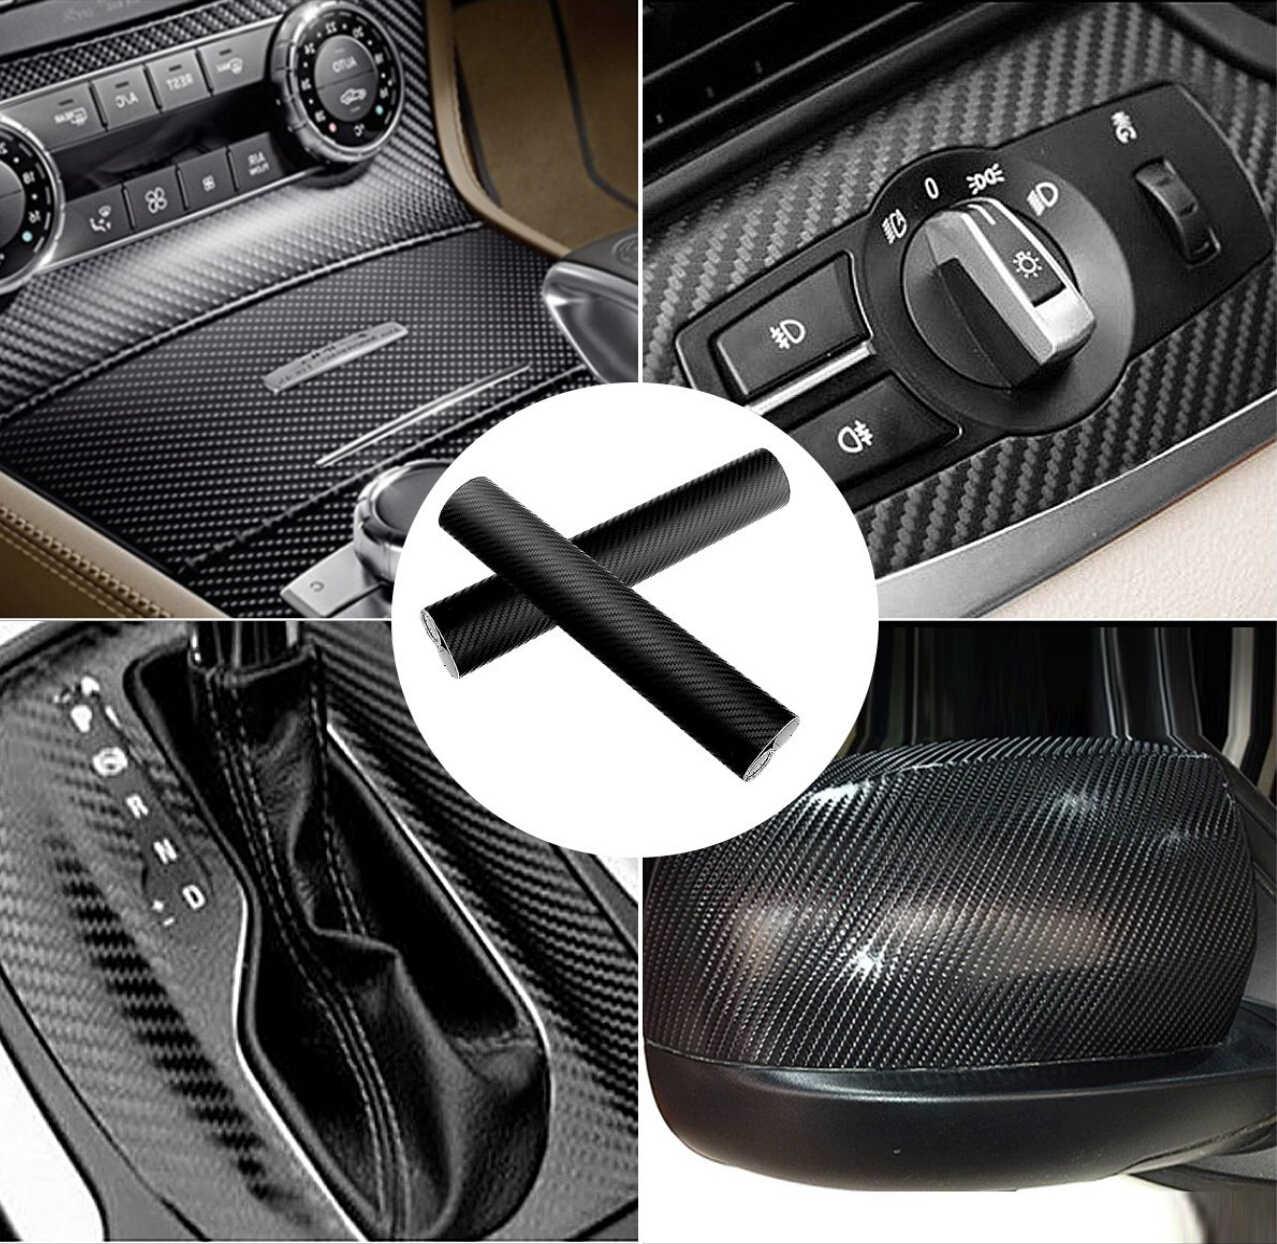 3D Serat Karbon Mobil Stiker Decals untuk Nissan Qashqai J11 Juke X-Trail T32 Tiida Catatan Almera Primera Pathfinder teana Rogue SE